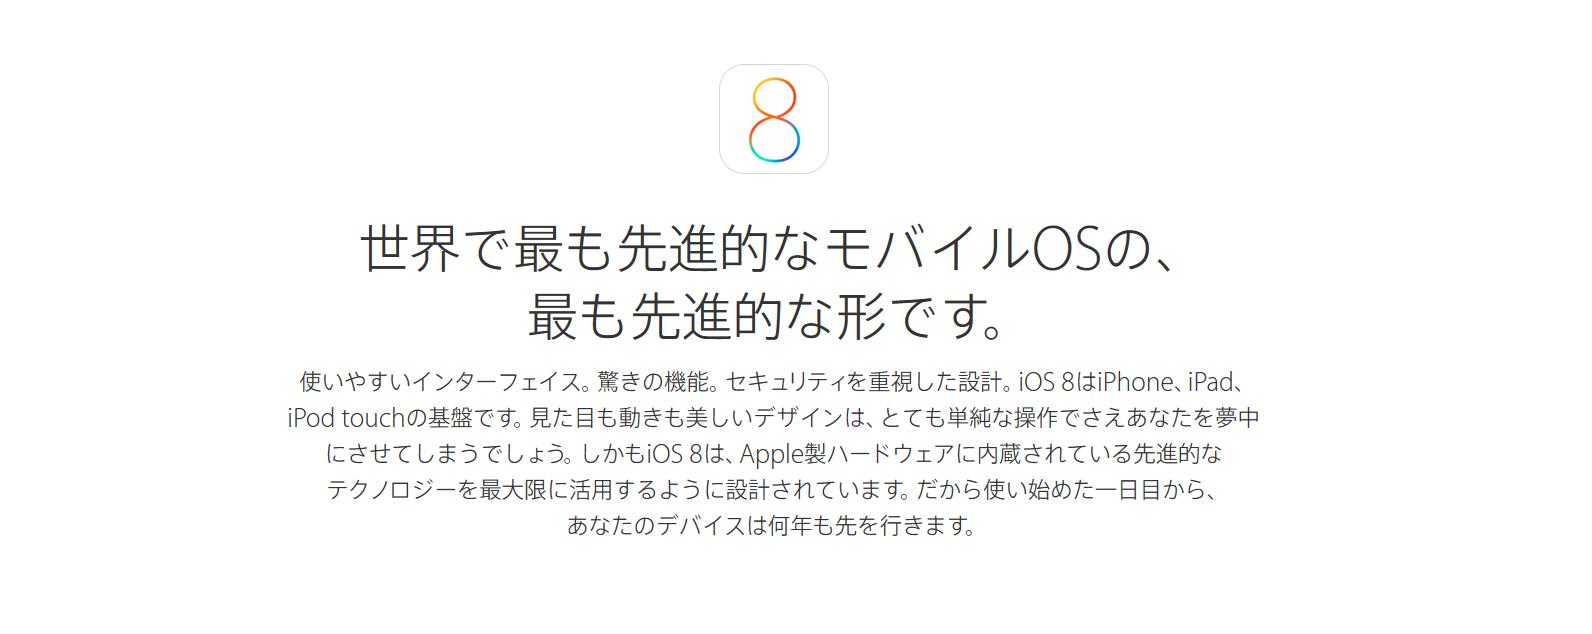 iOS8 間もなくリリース